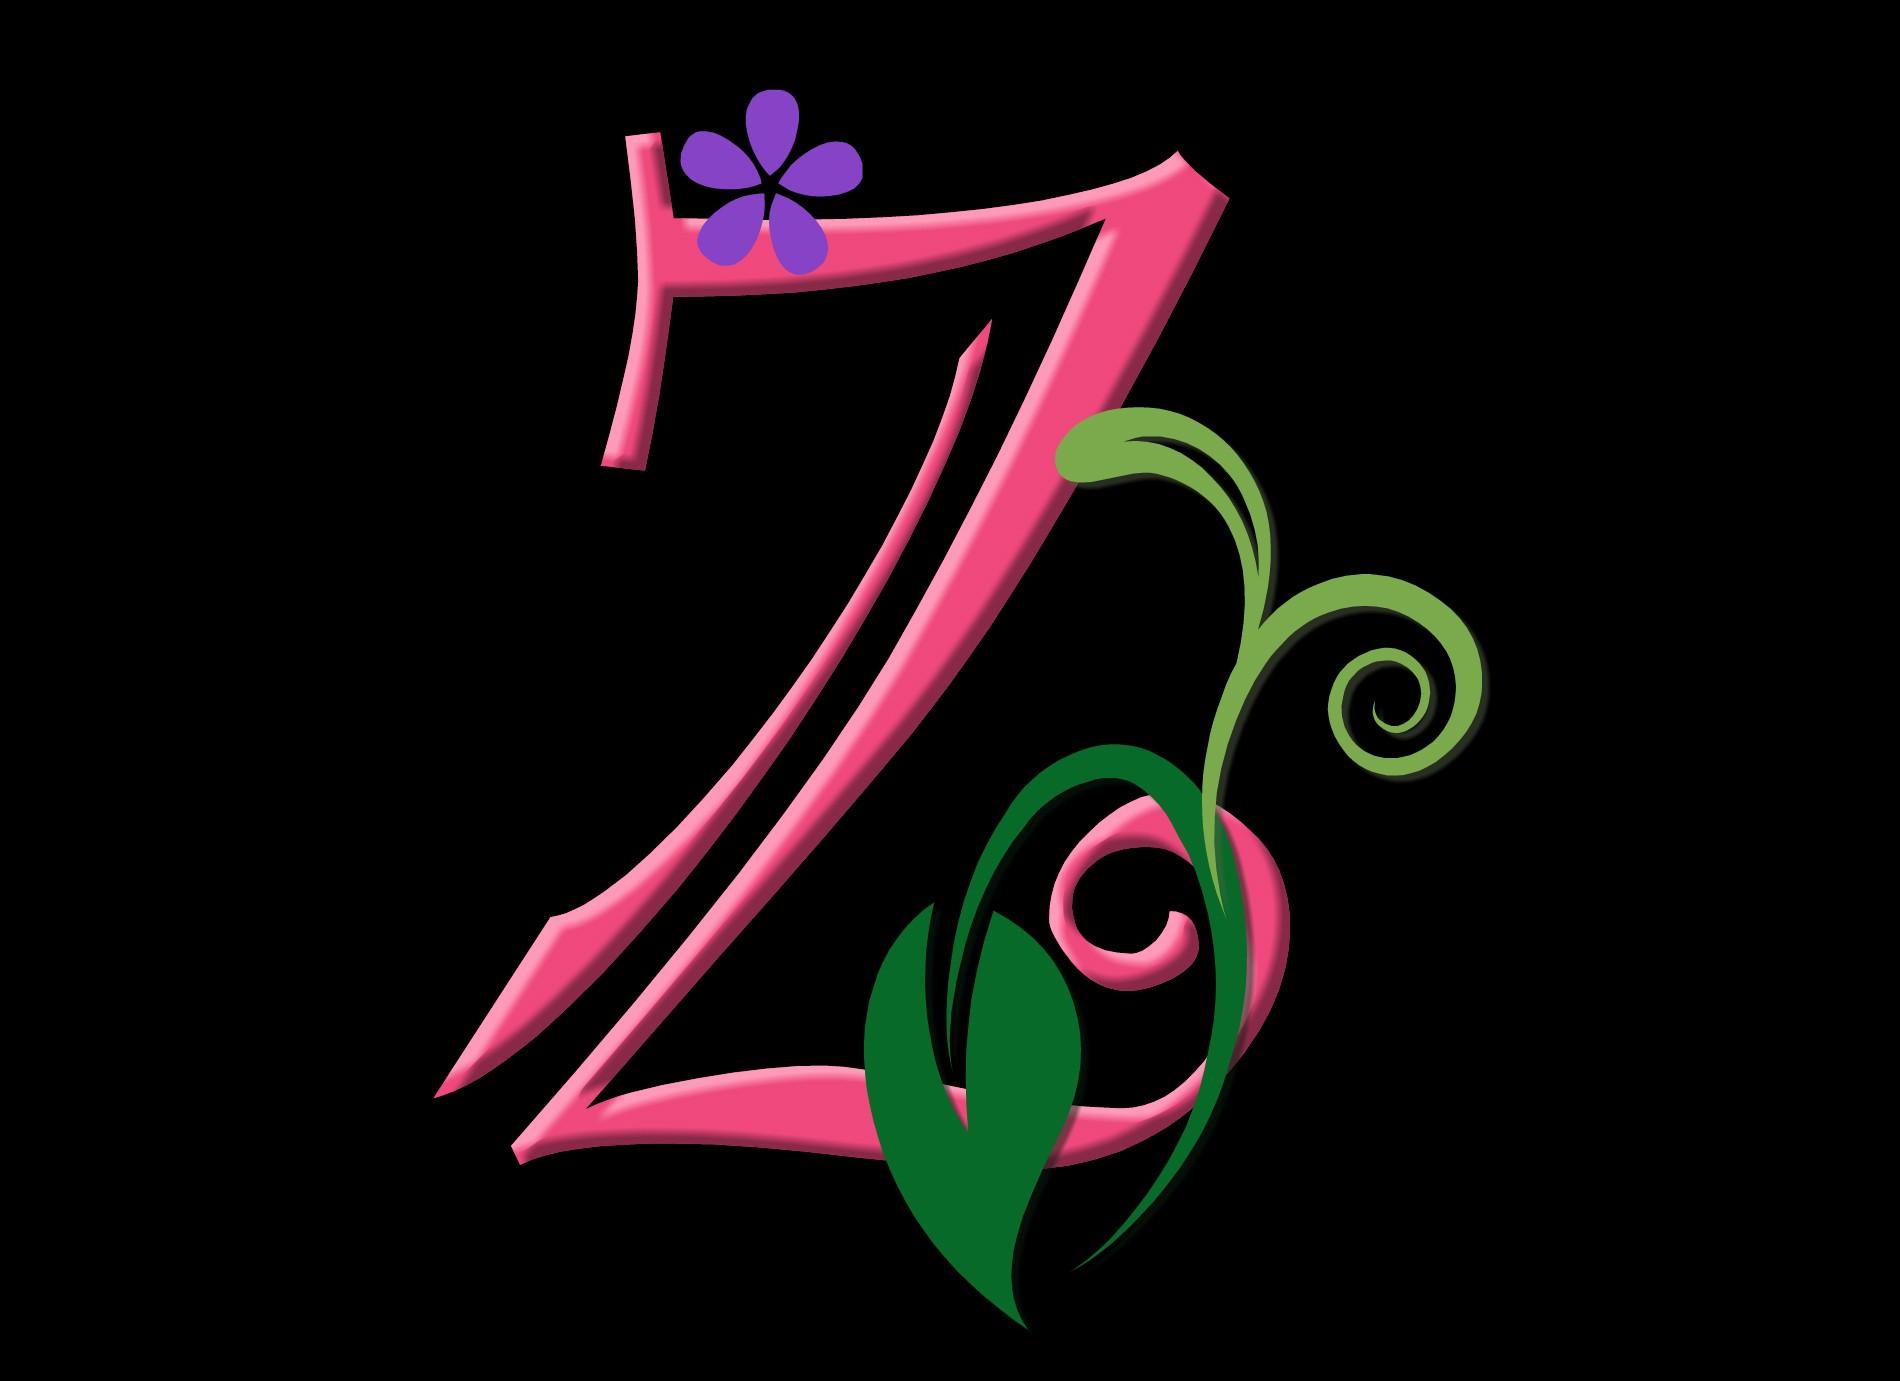 صور حرف Z اجمل صور مميزه لحرف Z قلوب فتيات